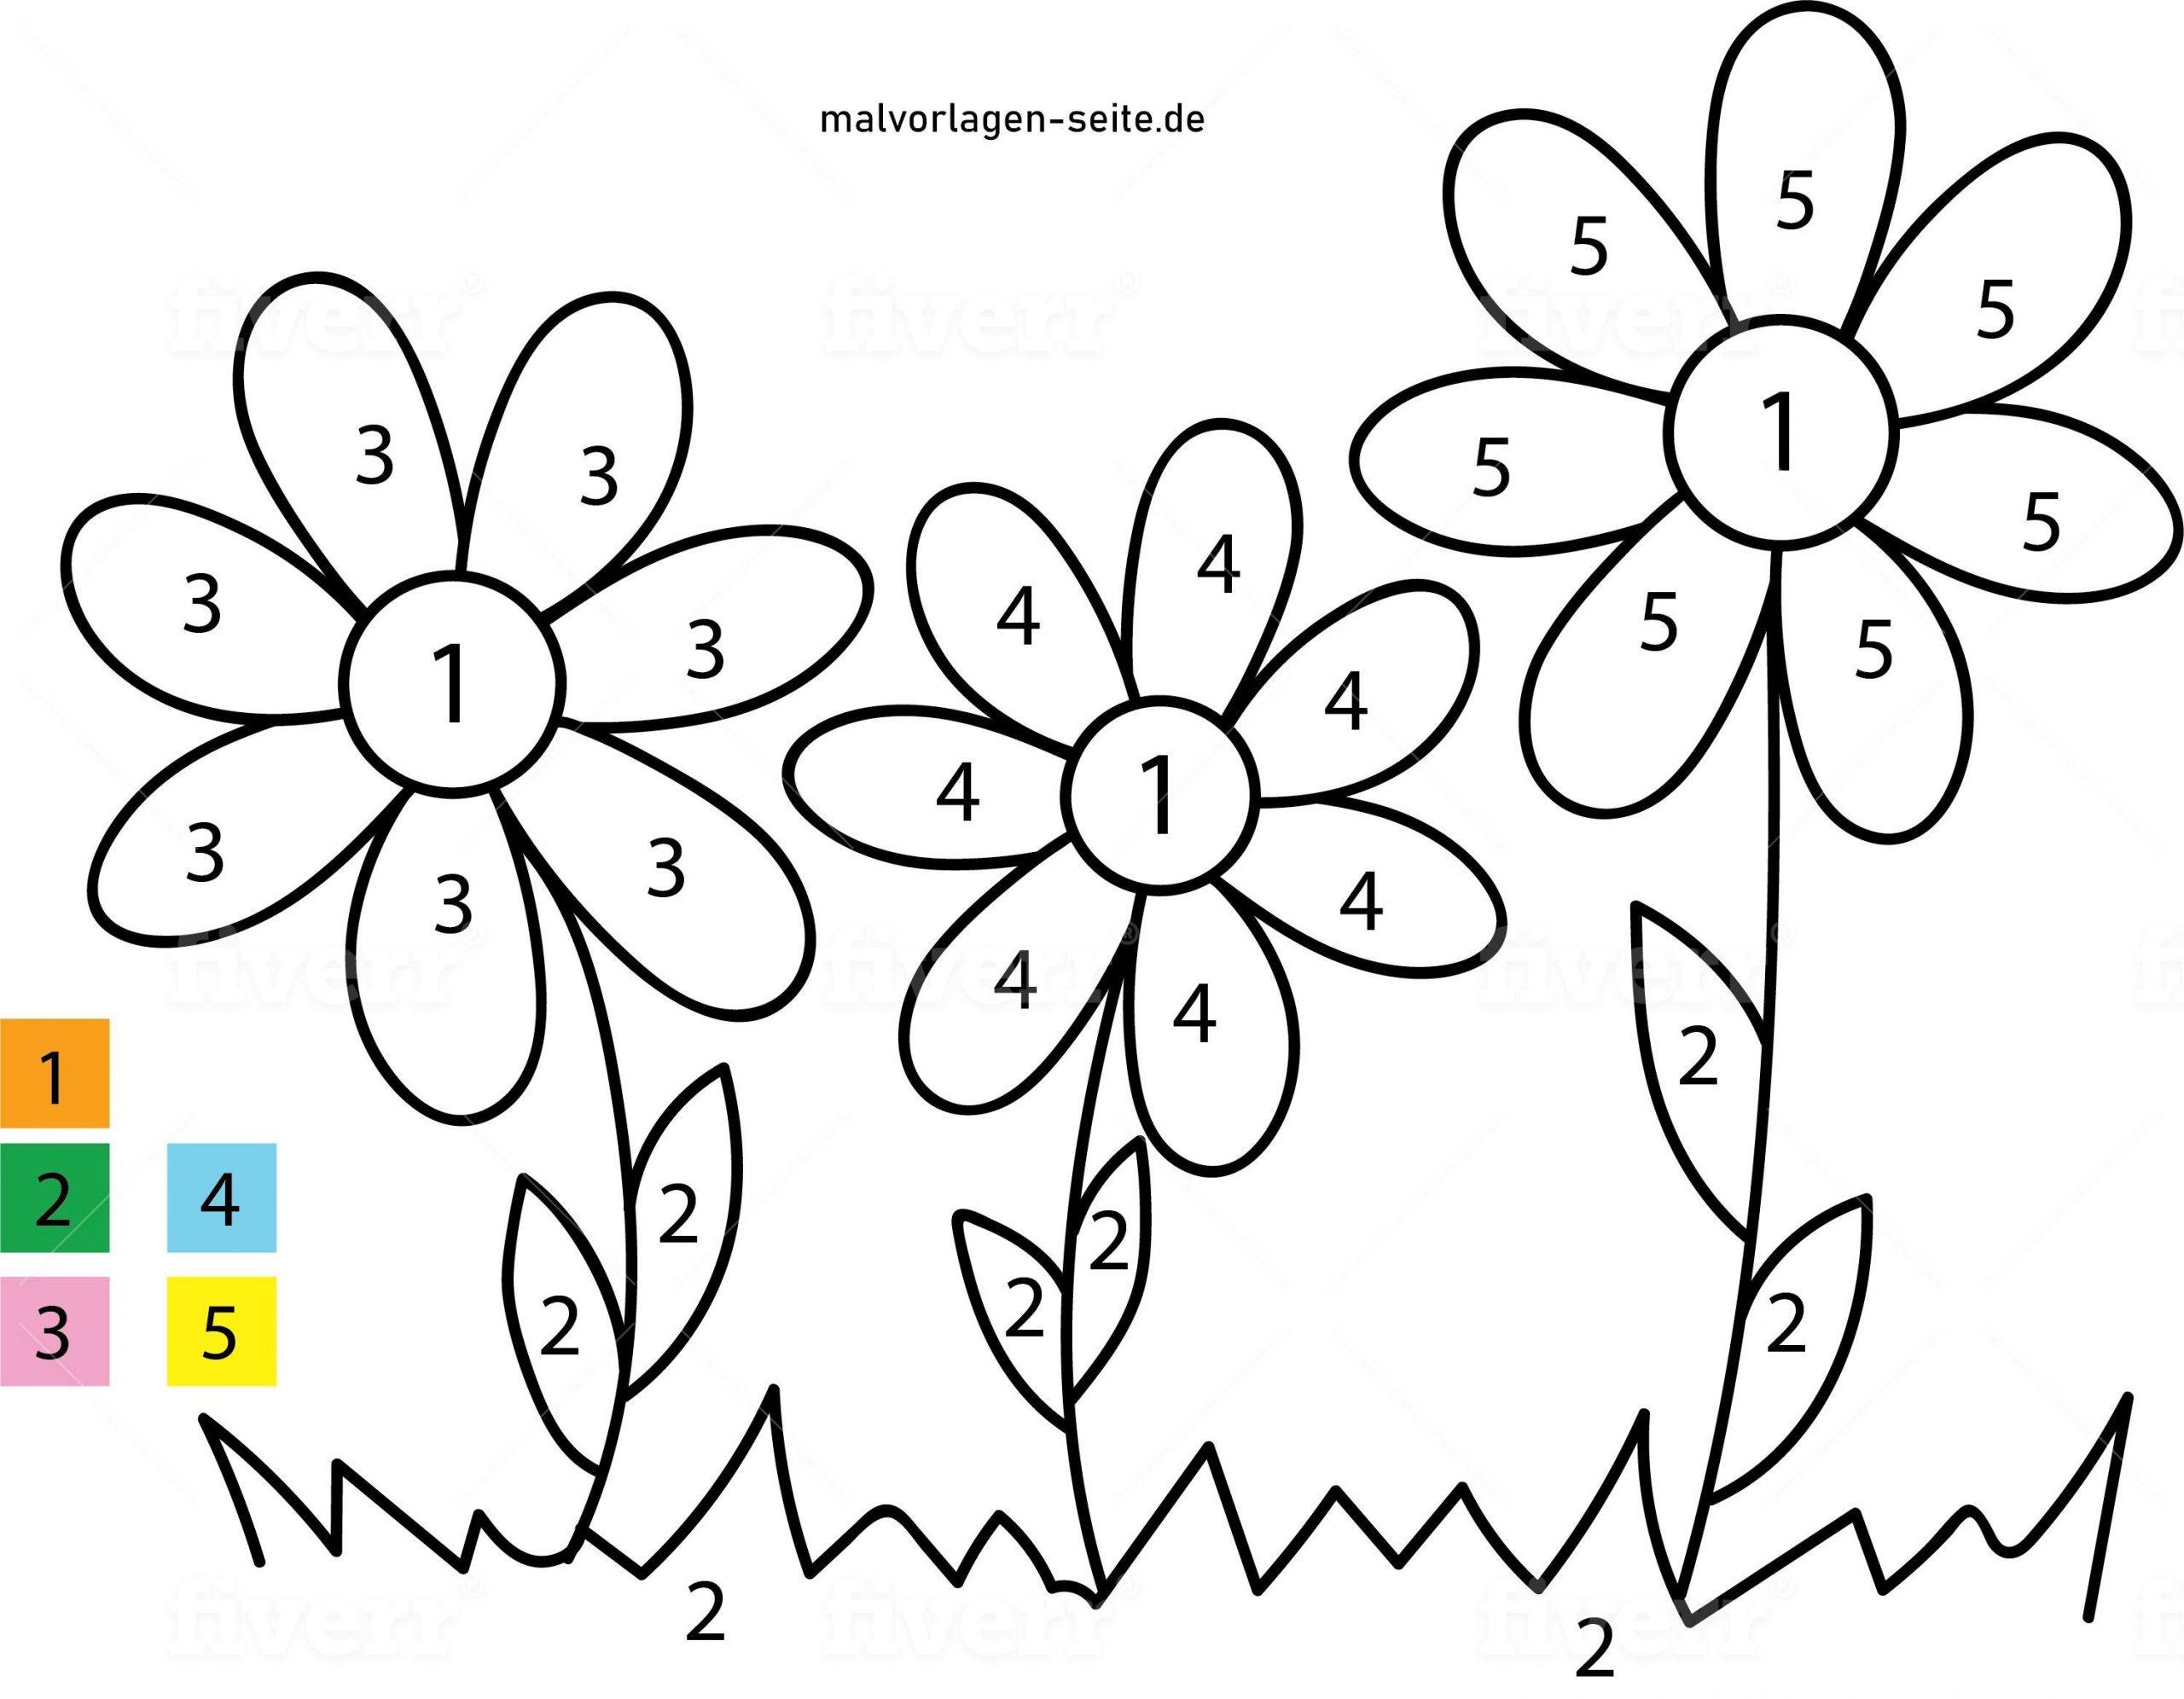 Malen Nach Zahlen - Blumen - Ausmalbilder Kostenlos verwandt mit Malen Nach Zahlen Vorlagen Kostenlos Ausdrucken